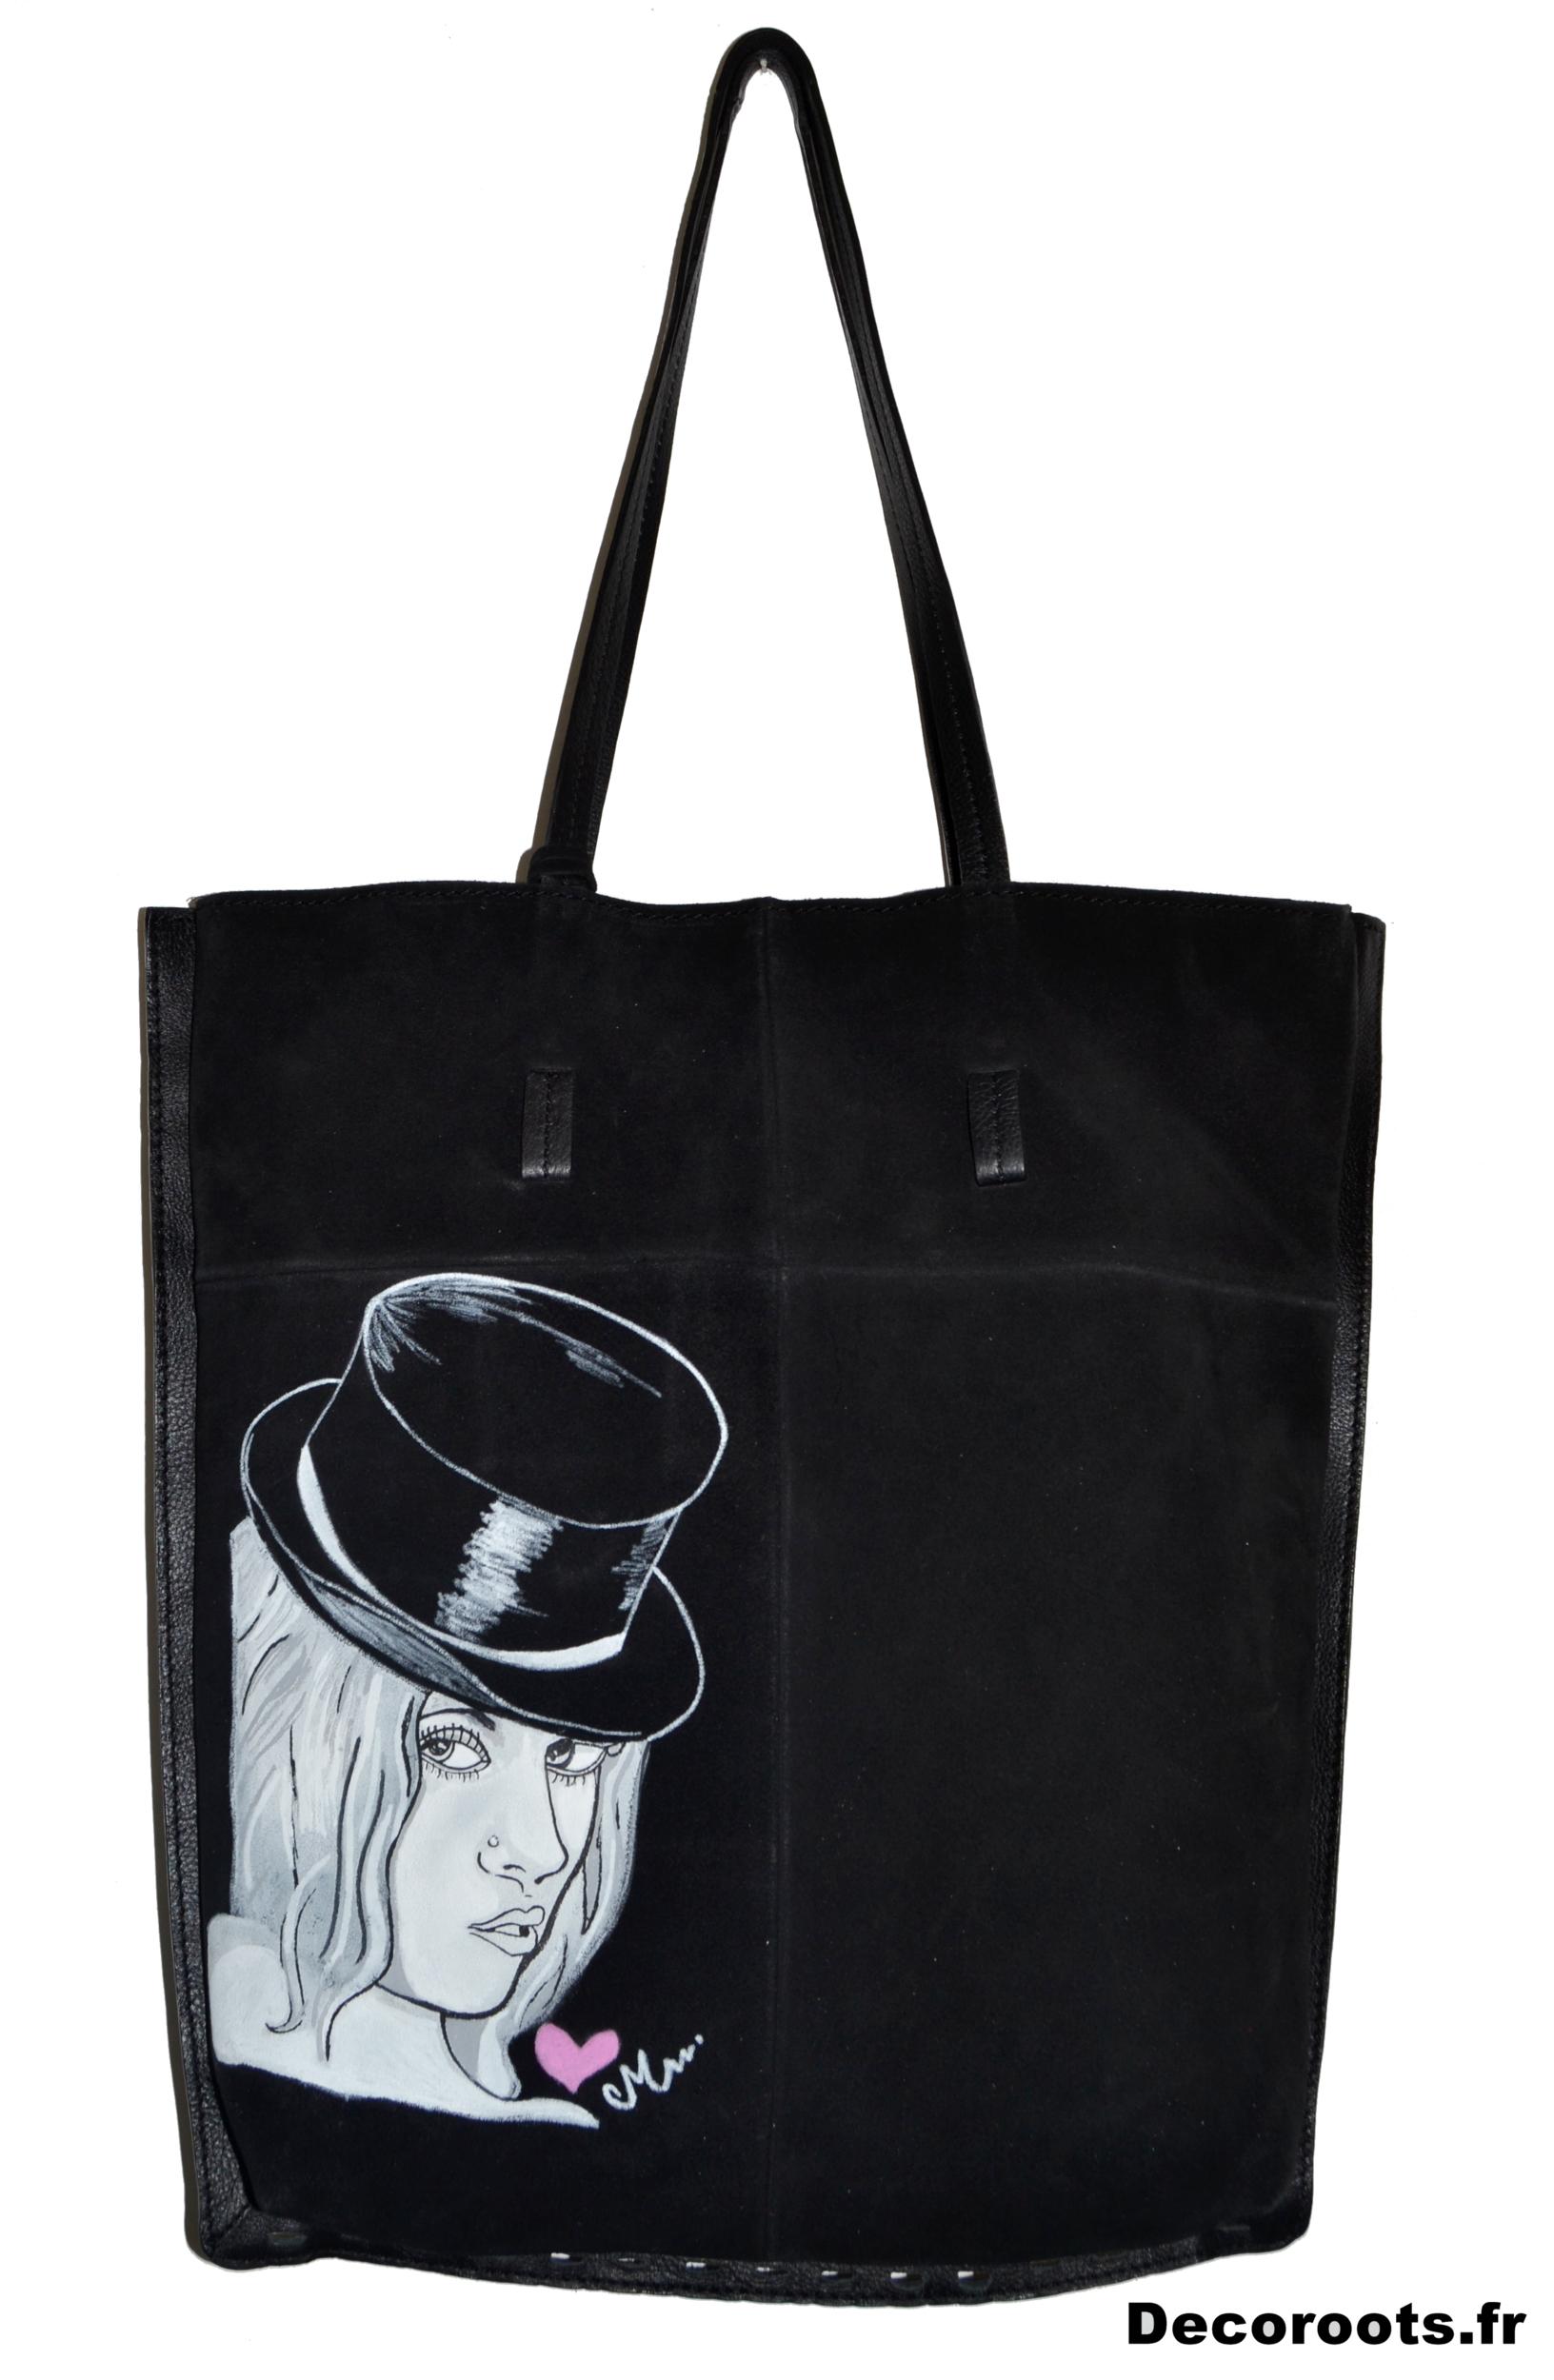 sac cuir femme peint à la main art artiste visage chapeau melon coeur 22